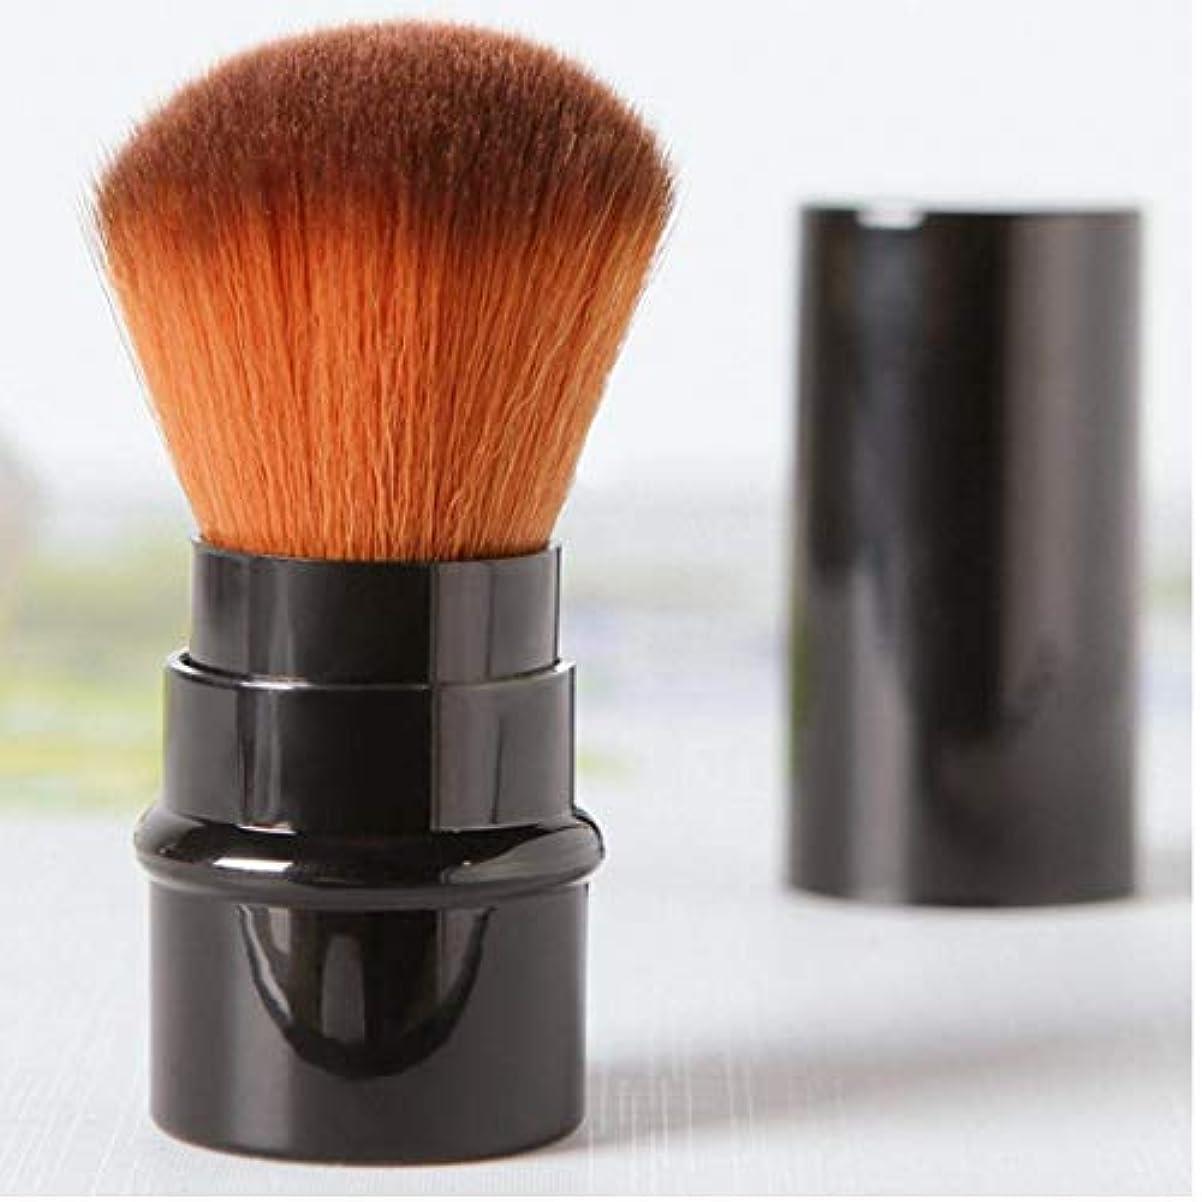 合金しなければならない操作ブラッシュ、ブロンザー、蛍光ペン用ミニトラベルサイズマルチタスクメイクブラシ(包装色と取り扱い色が異なる場合があります)